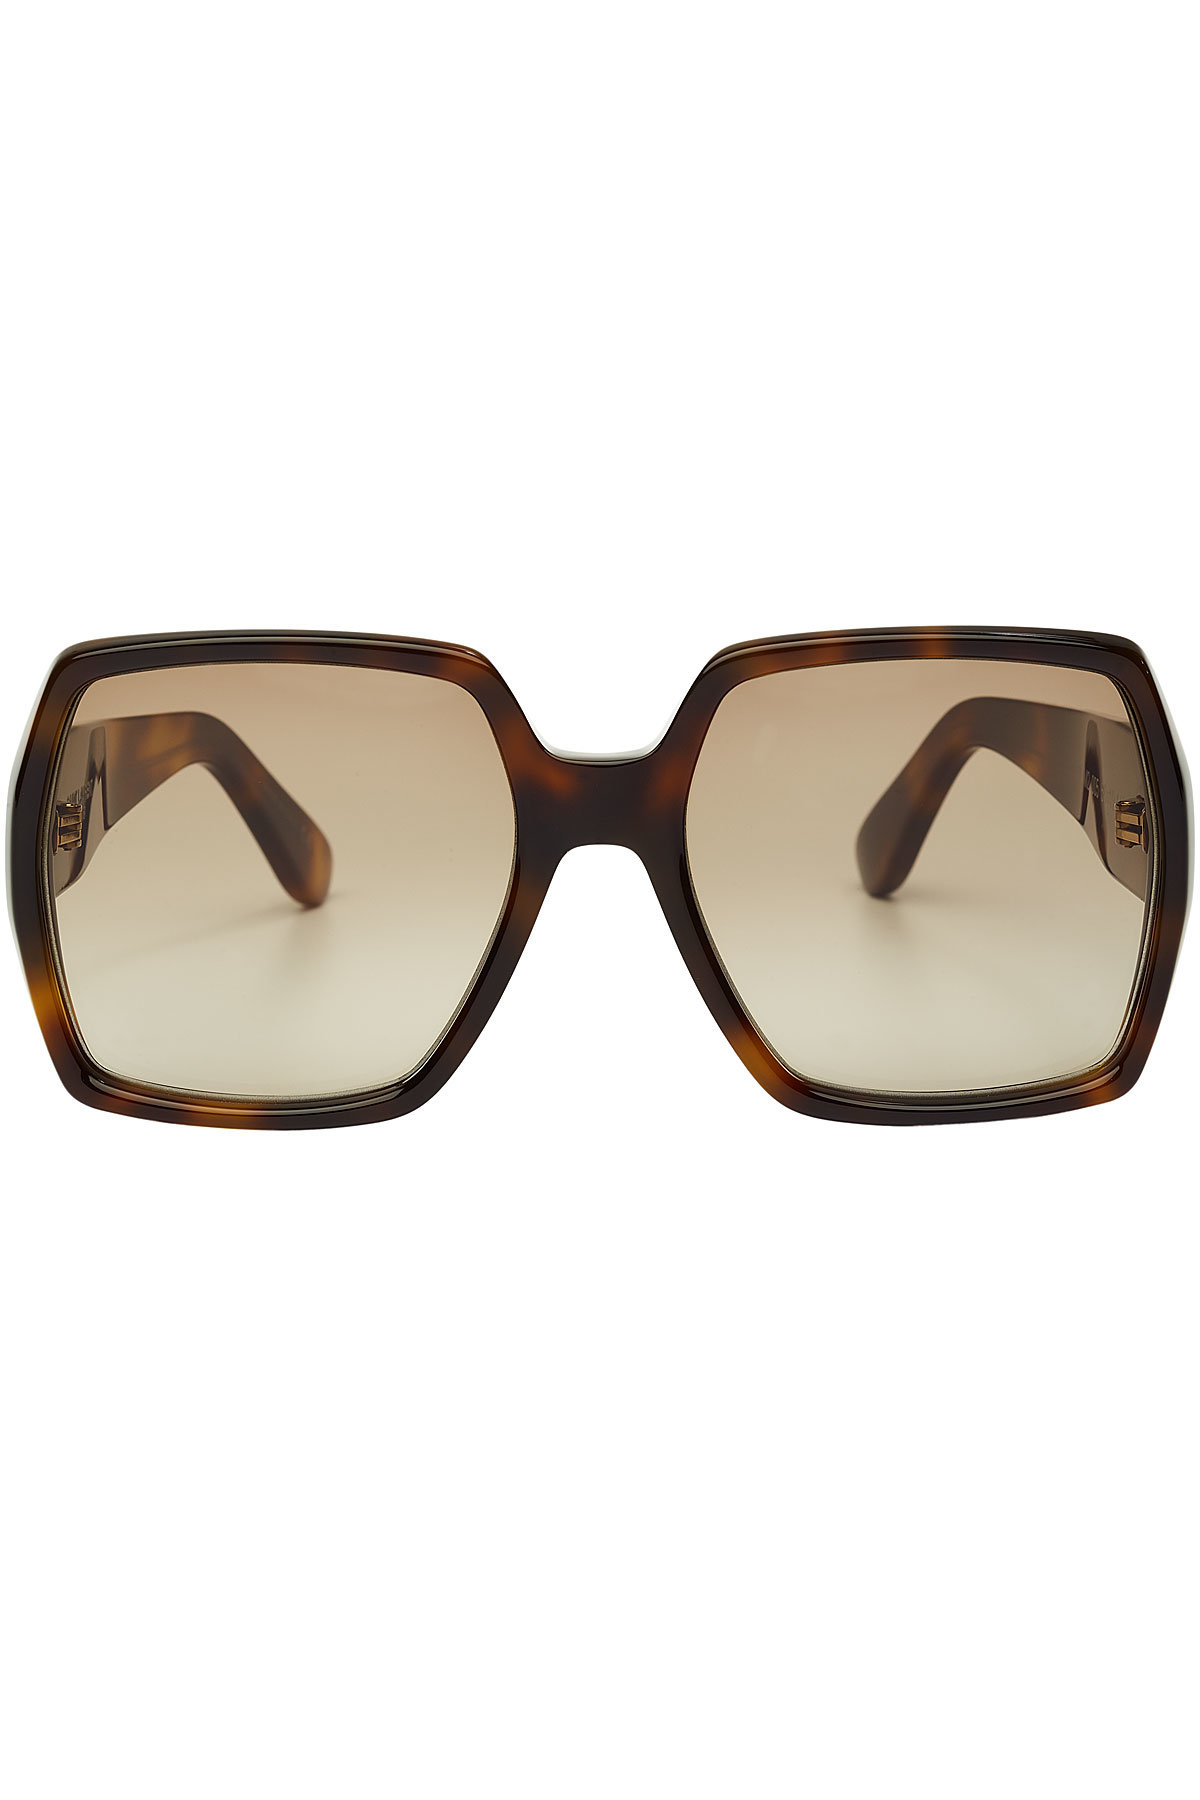 Square Sunglasses | SAINT LAURENT